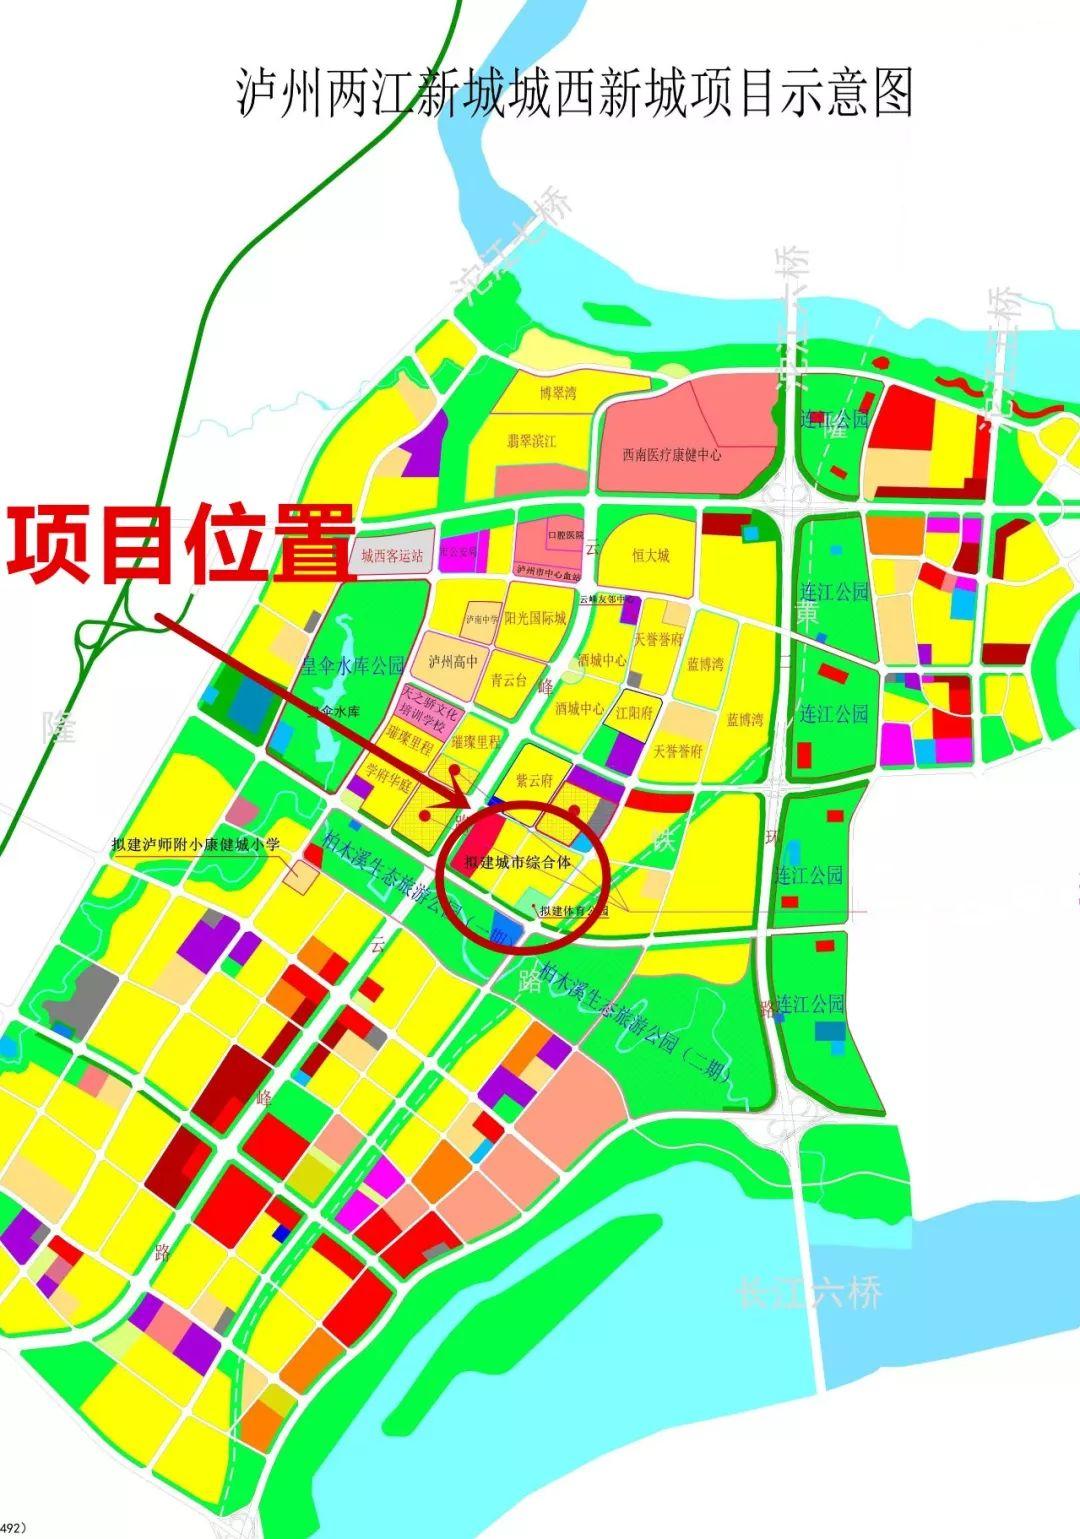 投资40亿!泸州将新建大型商业综合体,位置在……